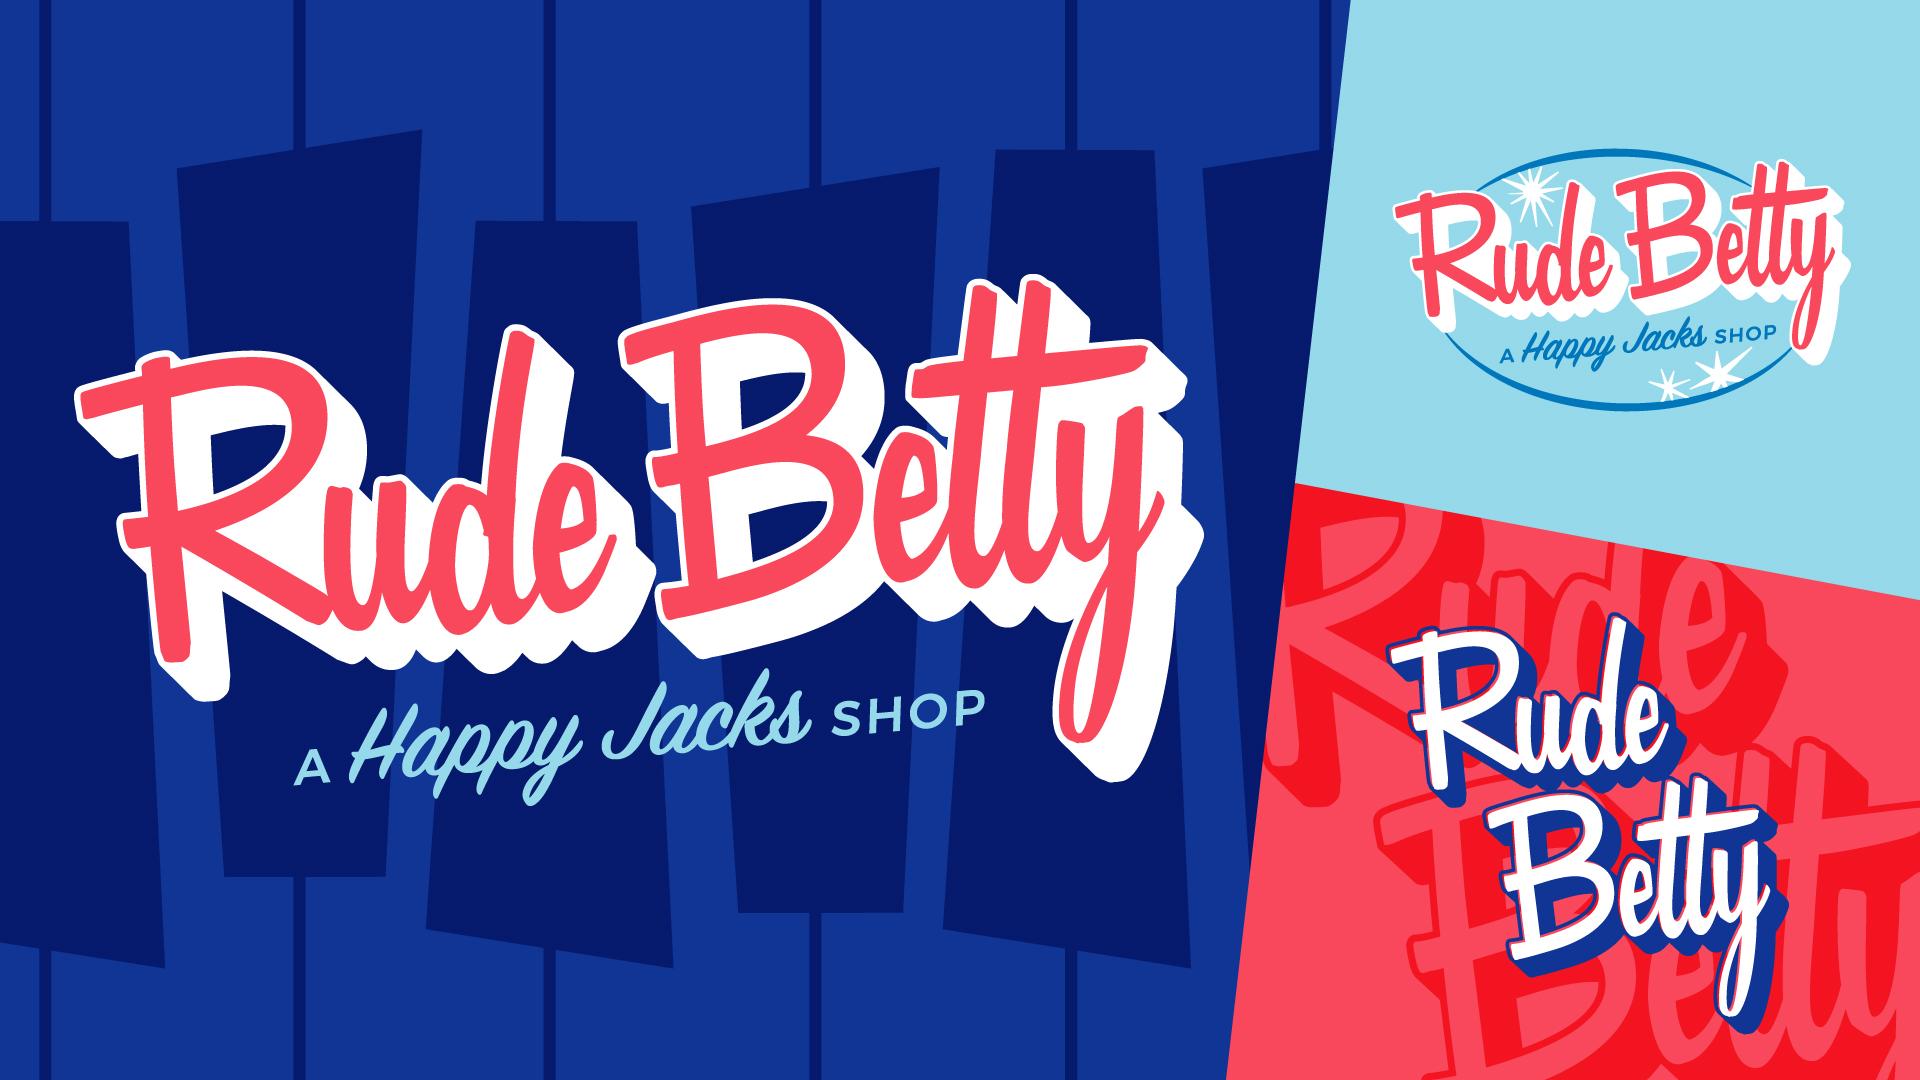 RudeBetty_Branding_v1.jpg